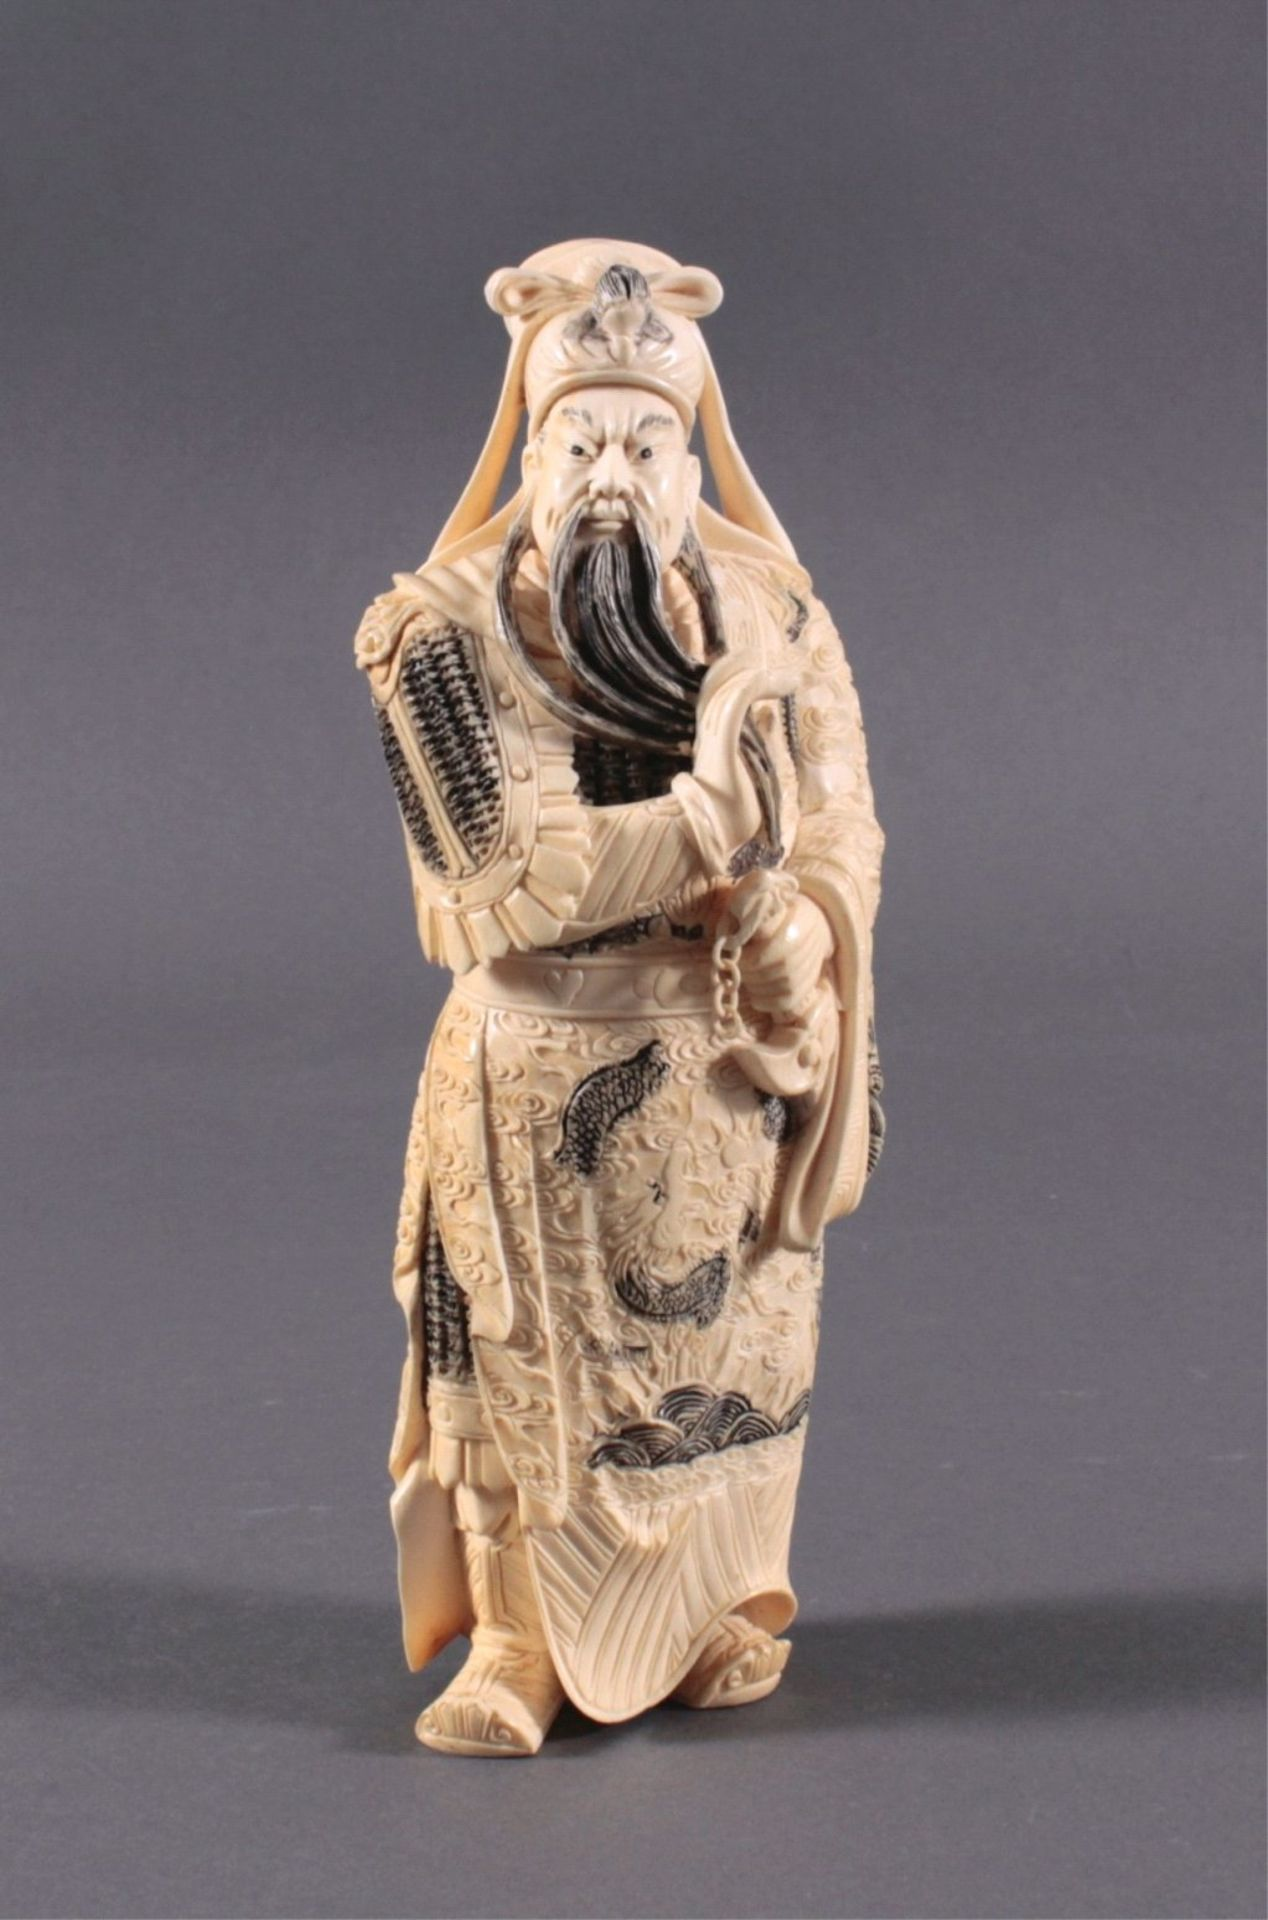 Elfenbeinfigur, 19./20. Jh.Guandi, vollplastisch geschnitzt, schwarz eingefärbt. Seinelinke Hand